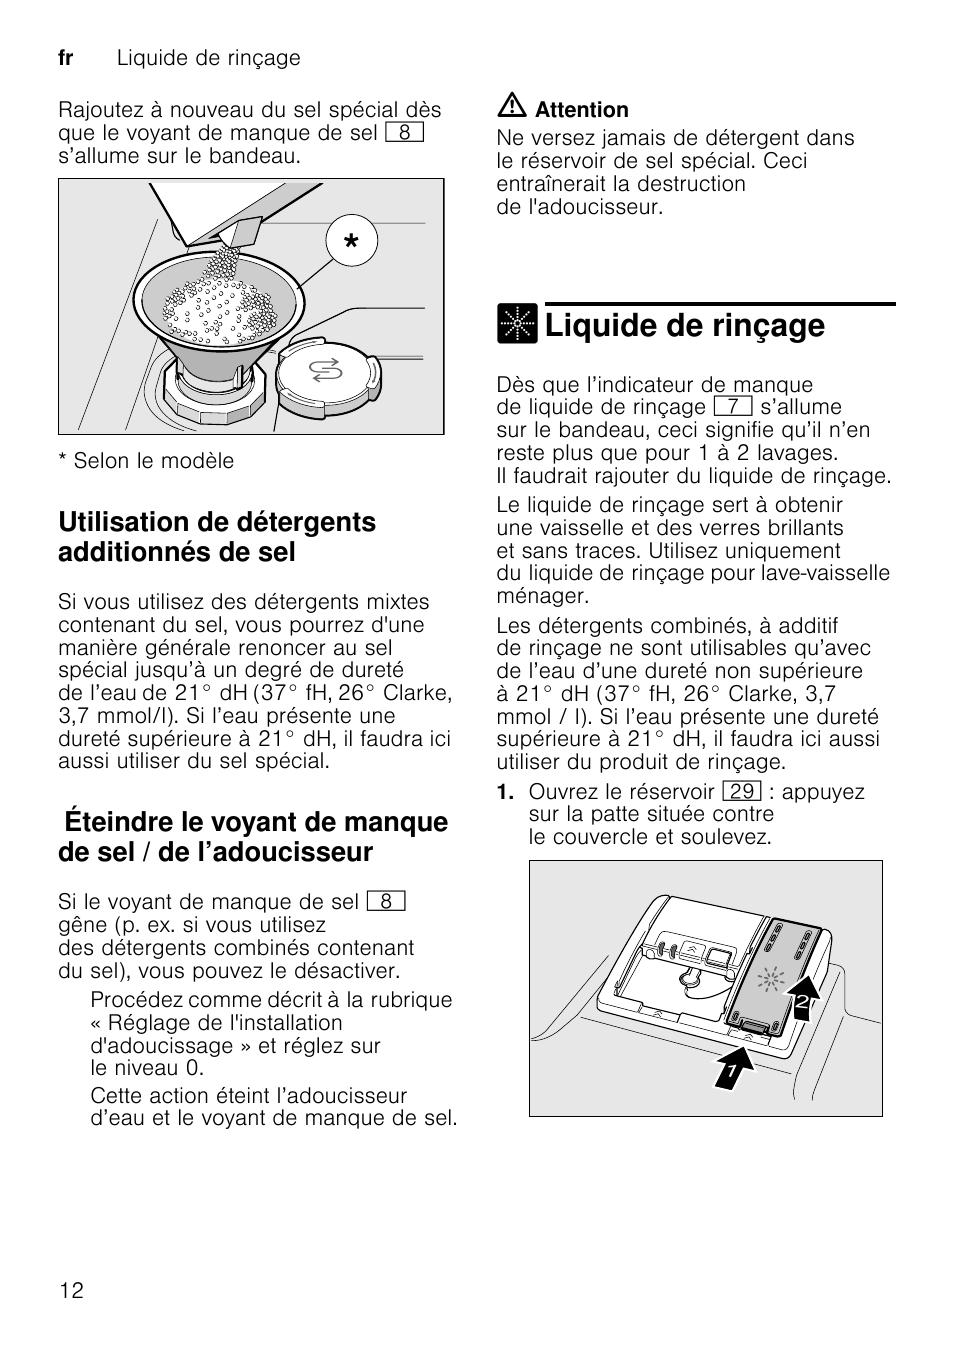 Vaisselle Vaisselle Non Adaptee Verres Et Vaisselle Endommages